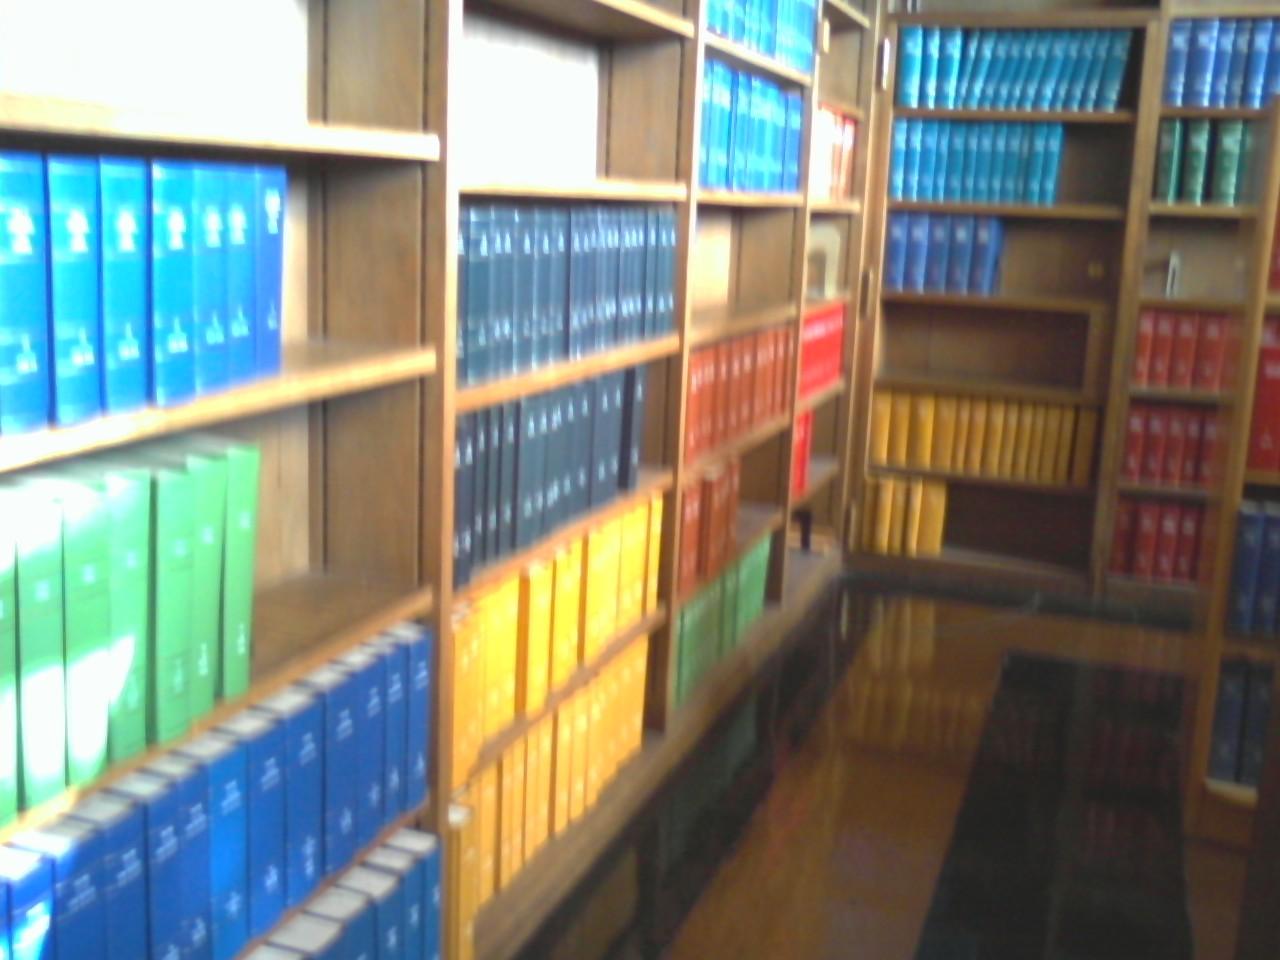 http://2.bp.blogspot.com/_SVItLUXhQNY/TQ0OLG6yczI/AAAAAAAAArY/Y0j6xw99vQc/s1600/library.jpg